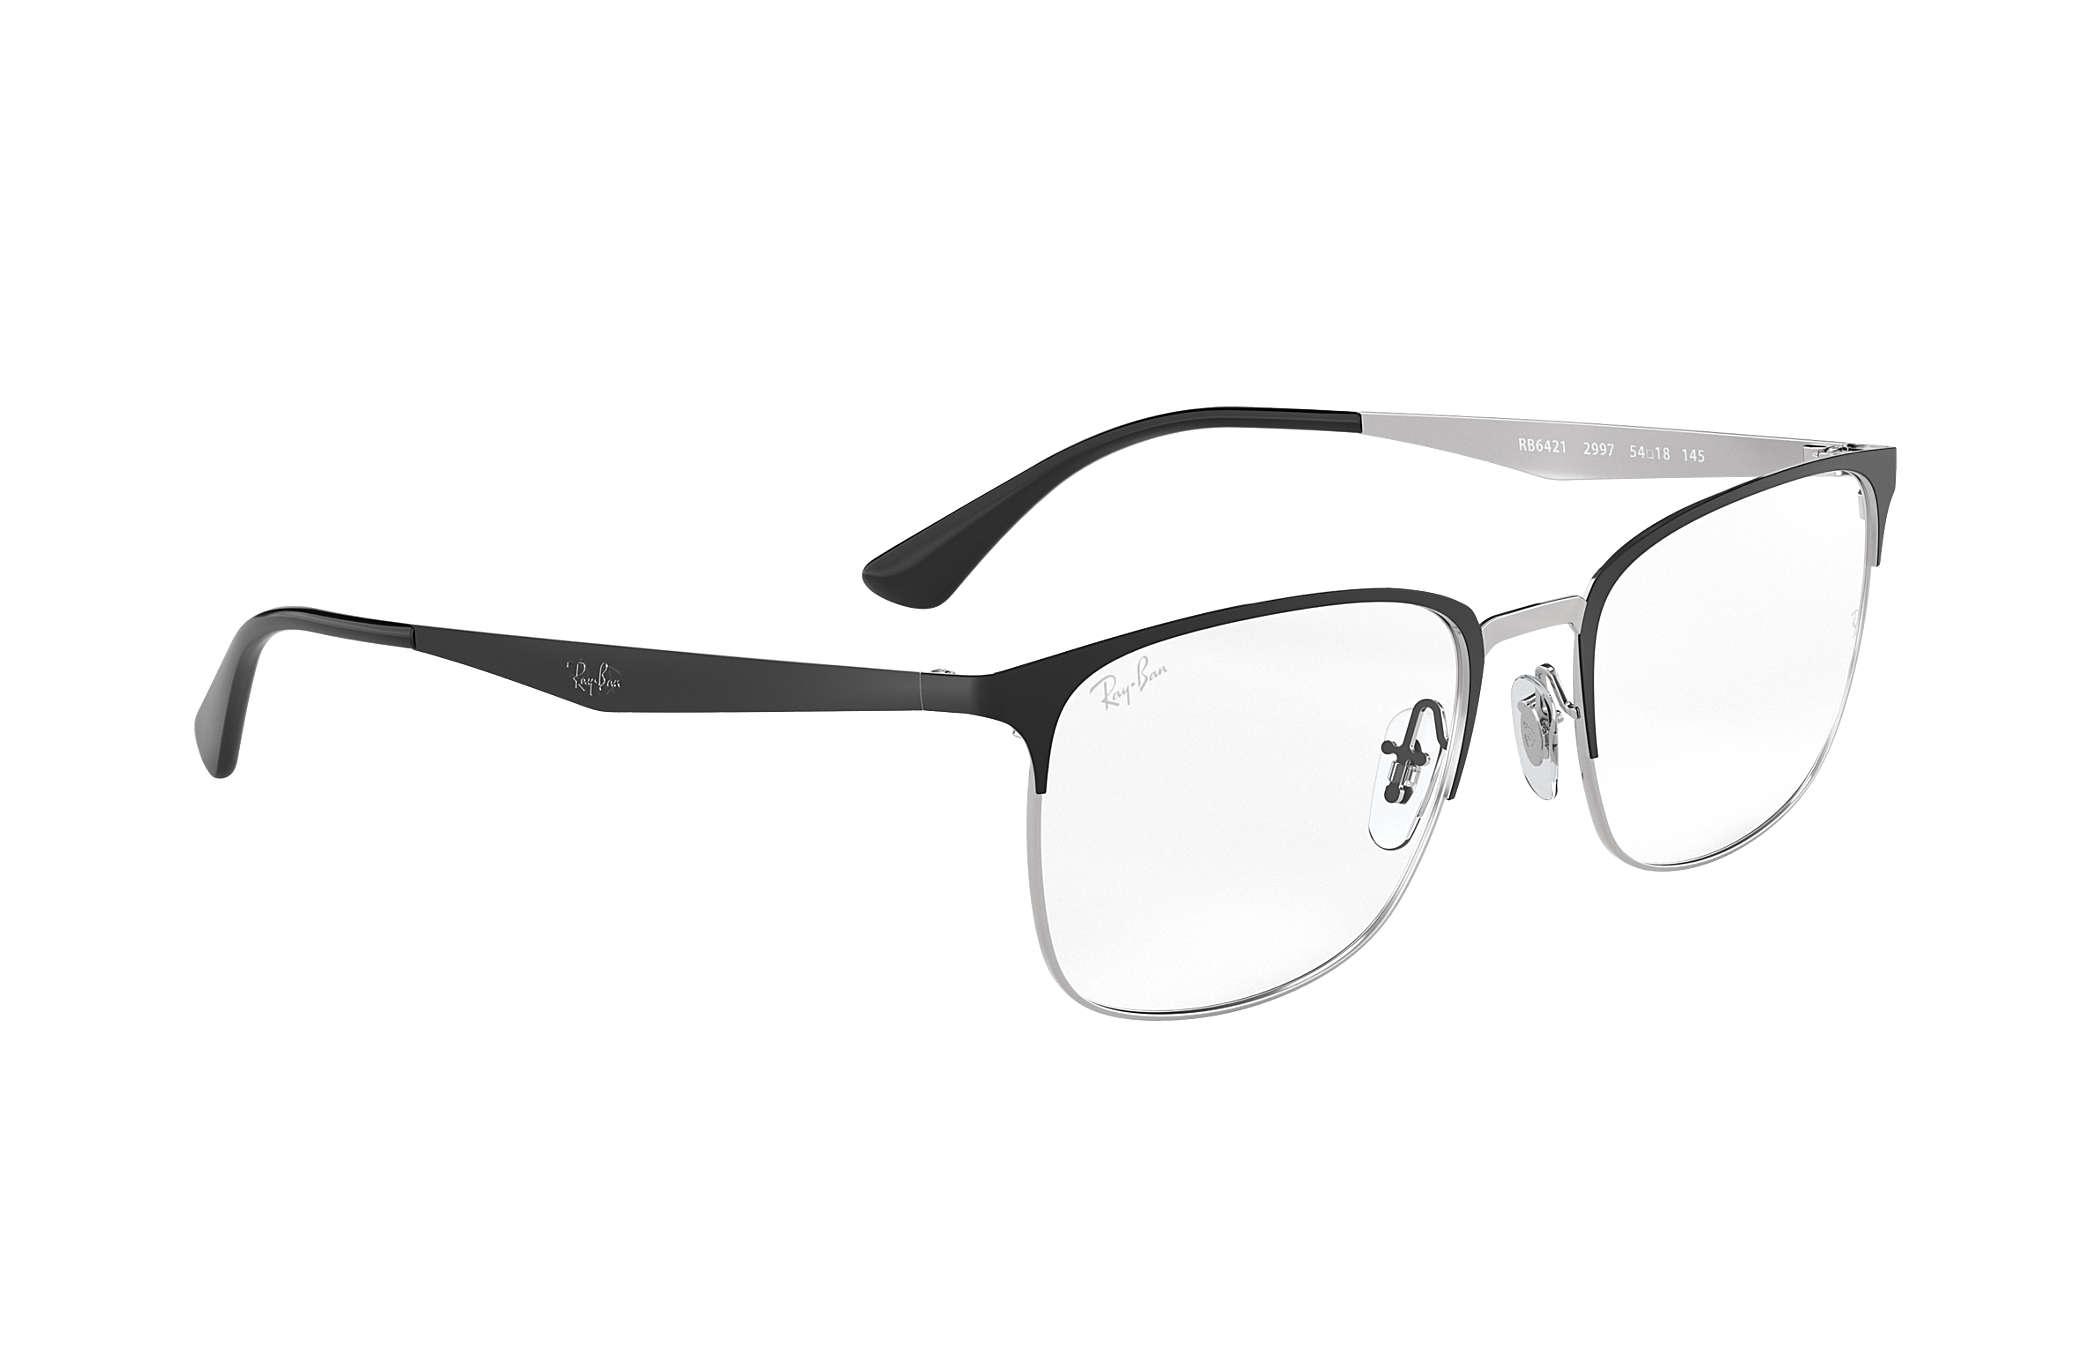 e6957bc24a Ray-Ban eyeglasses RB6421 Black - Metal - 0RX6421299752